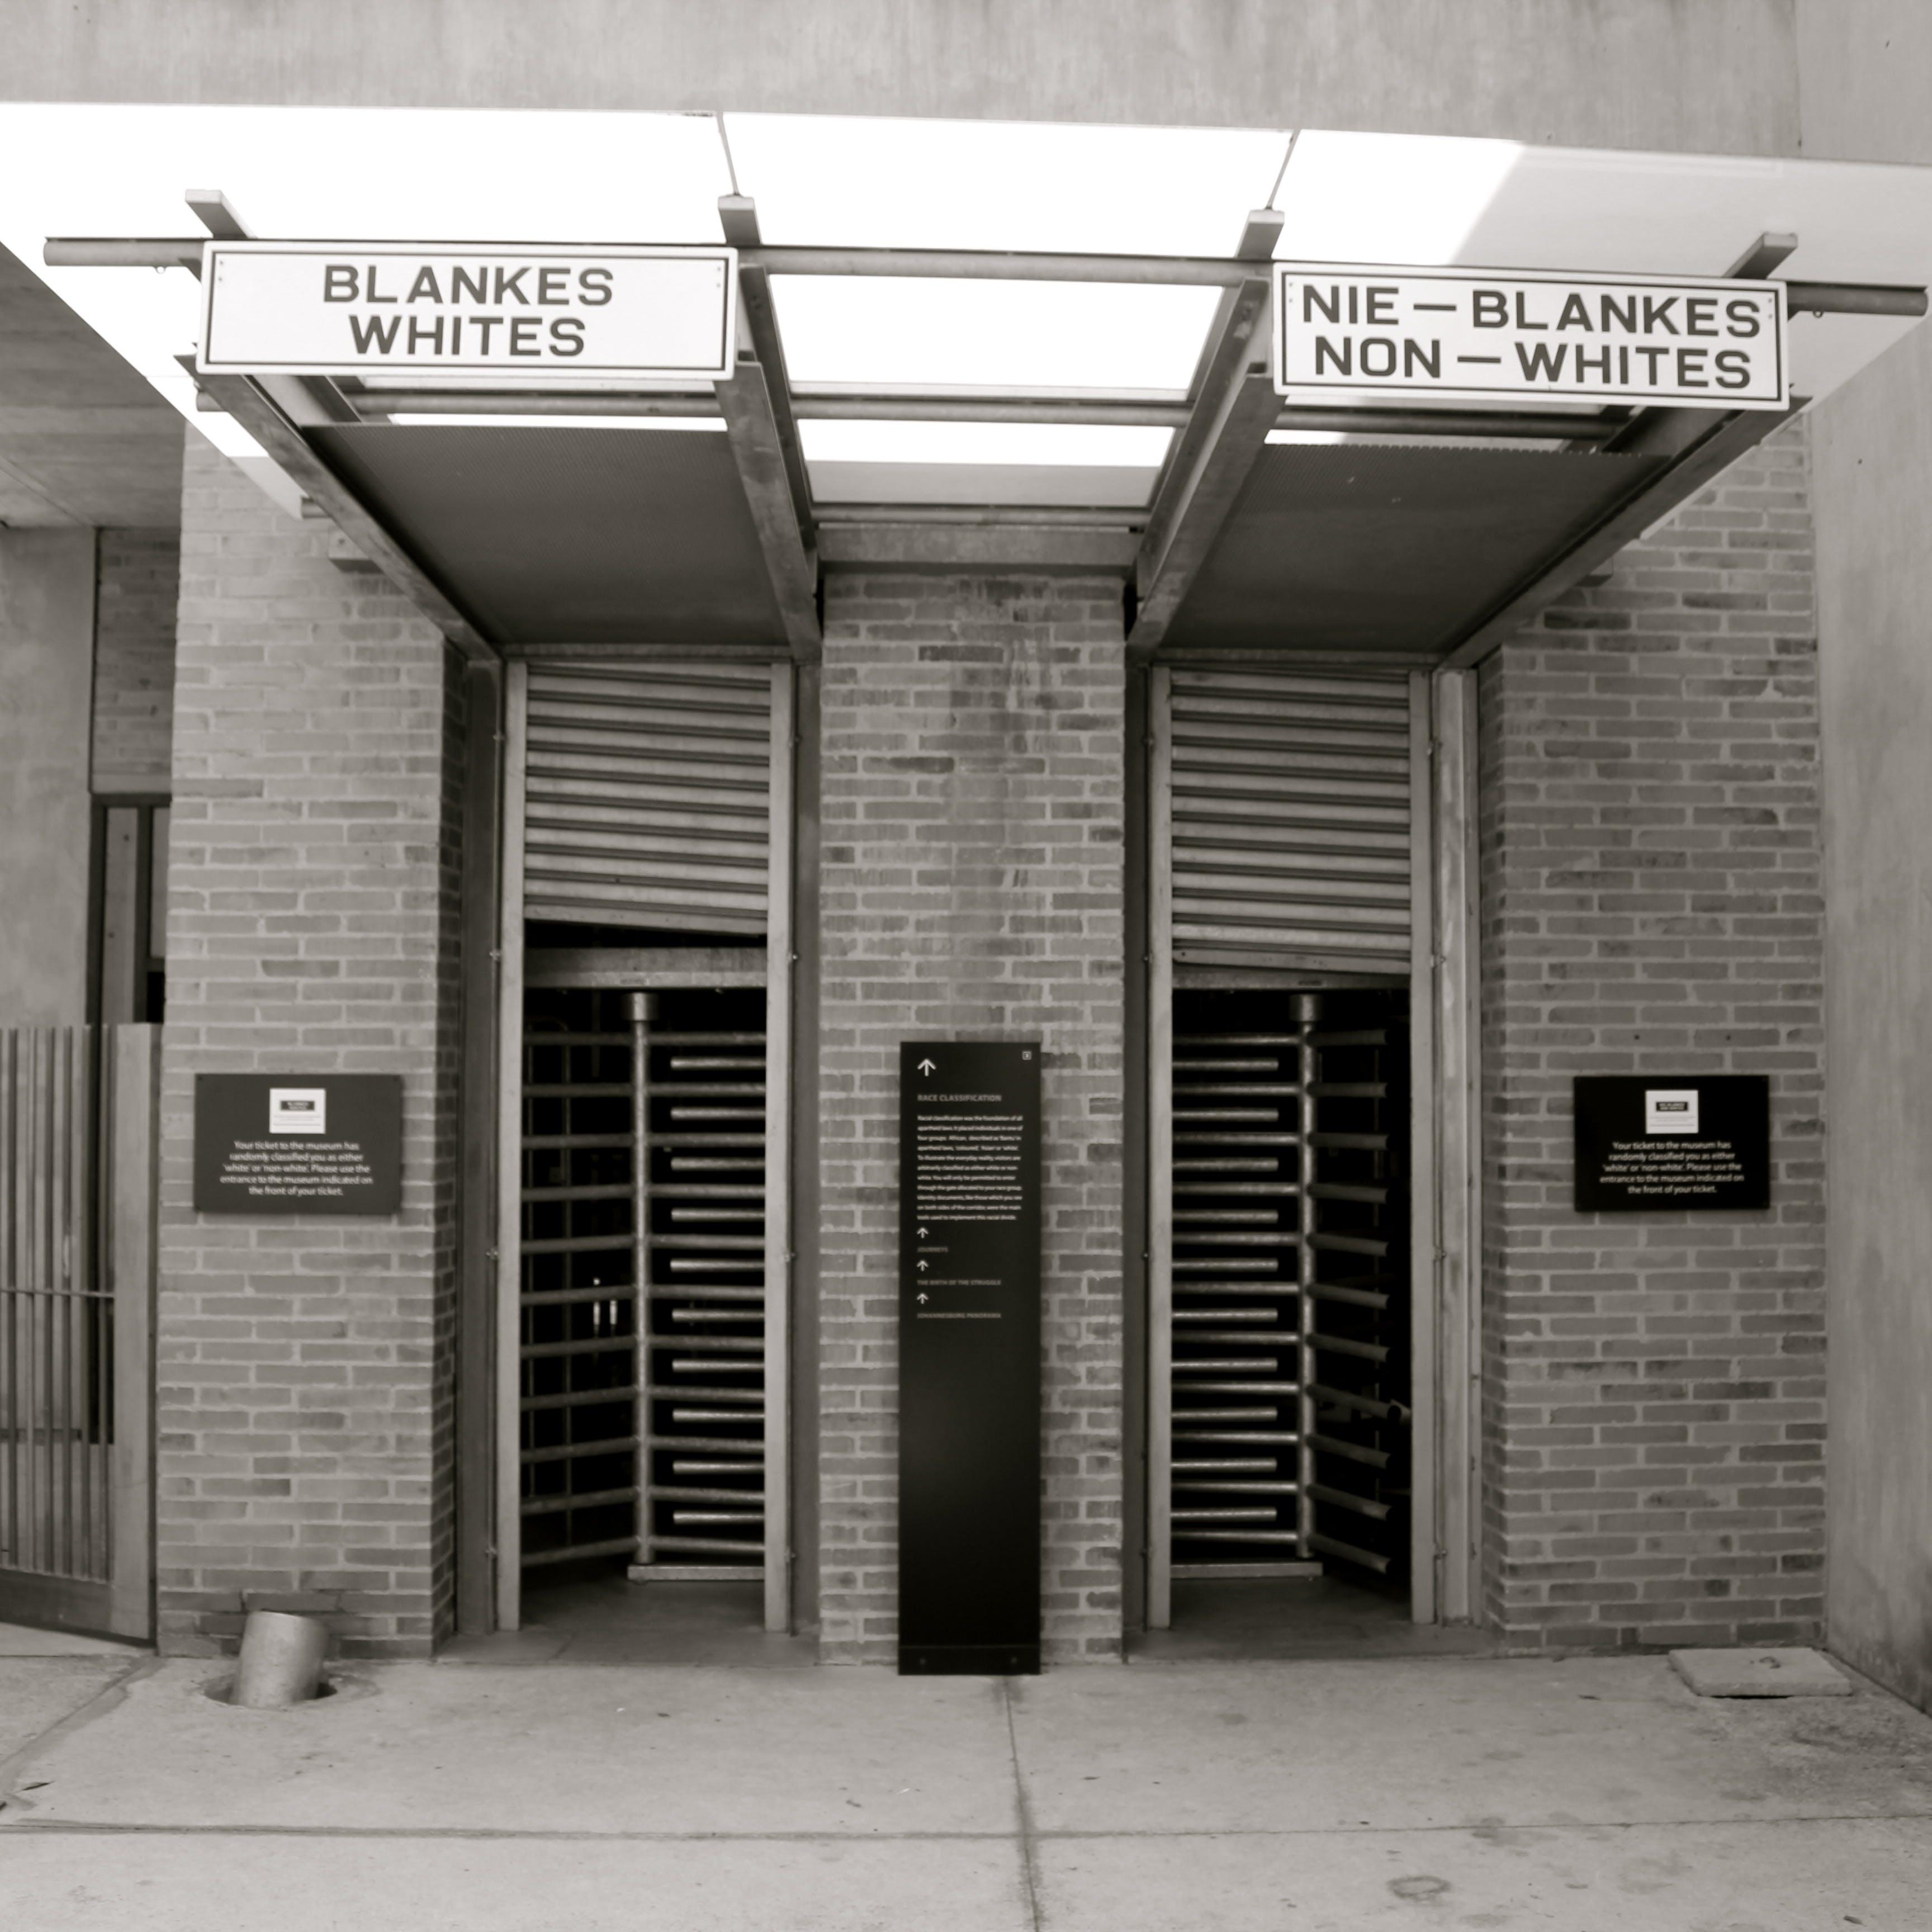 Photo Le musée de l'apartheid - Afrique du Sud